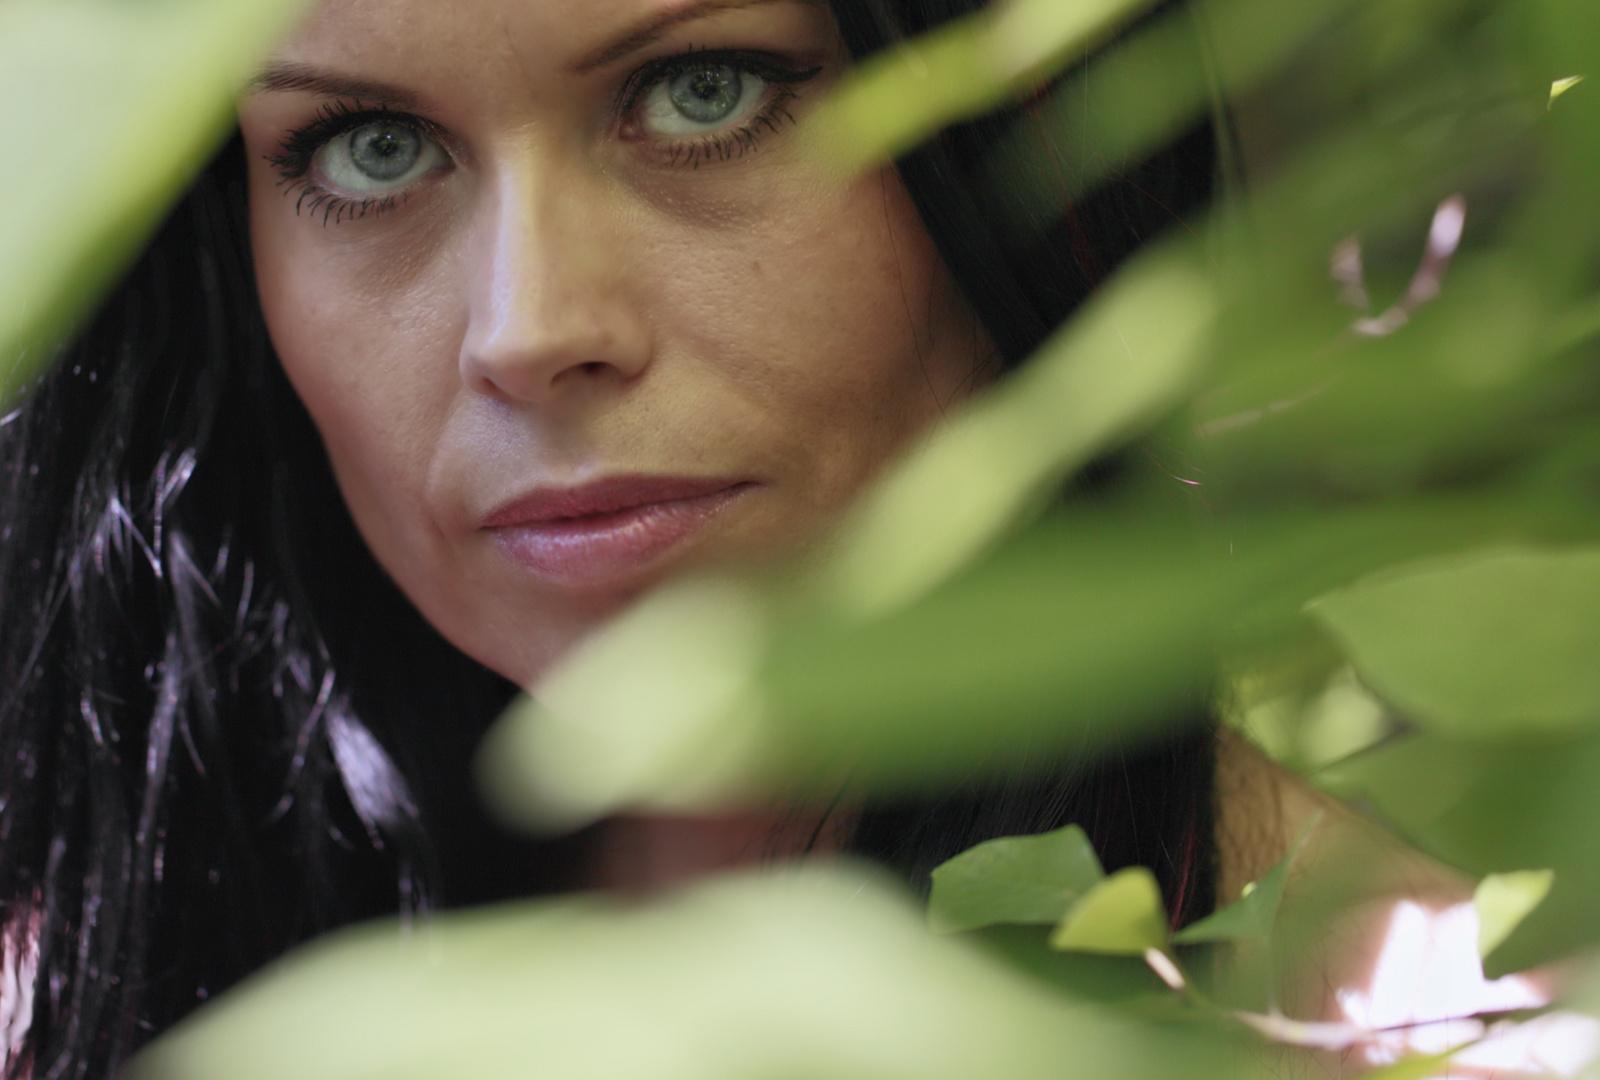 Ein Augenblick von Lana..